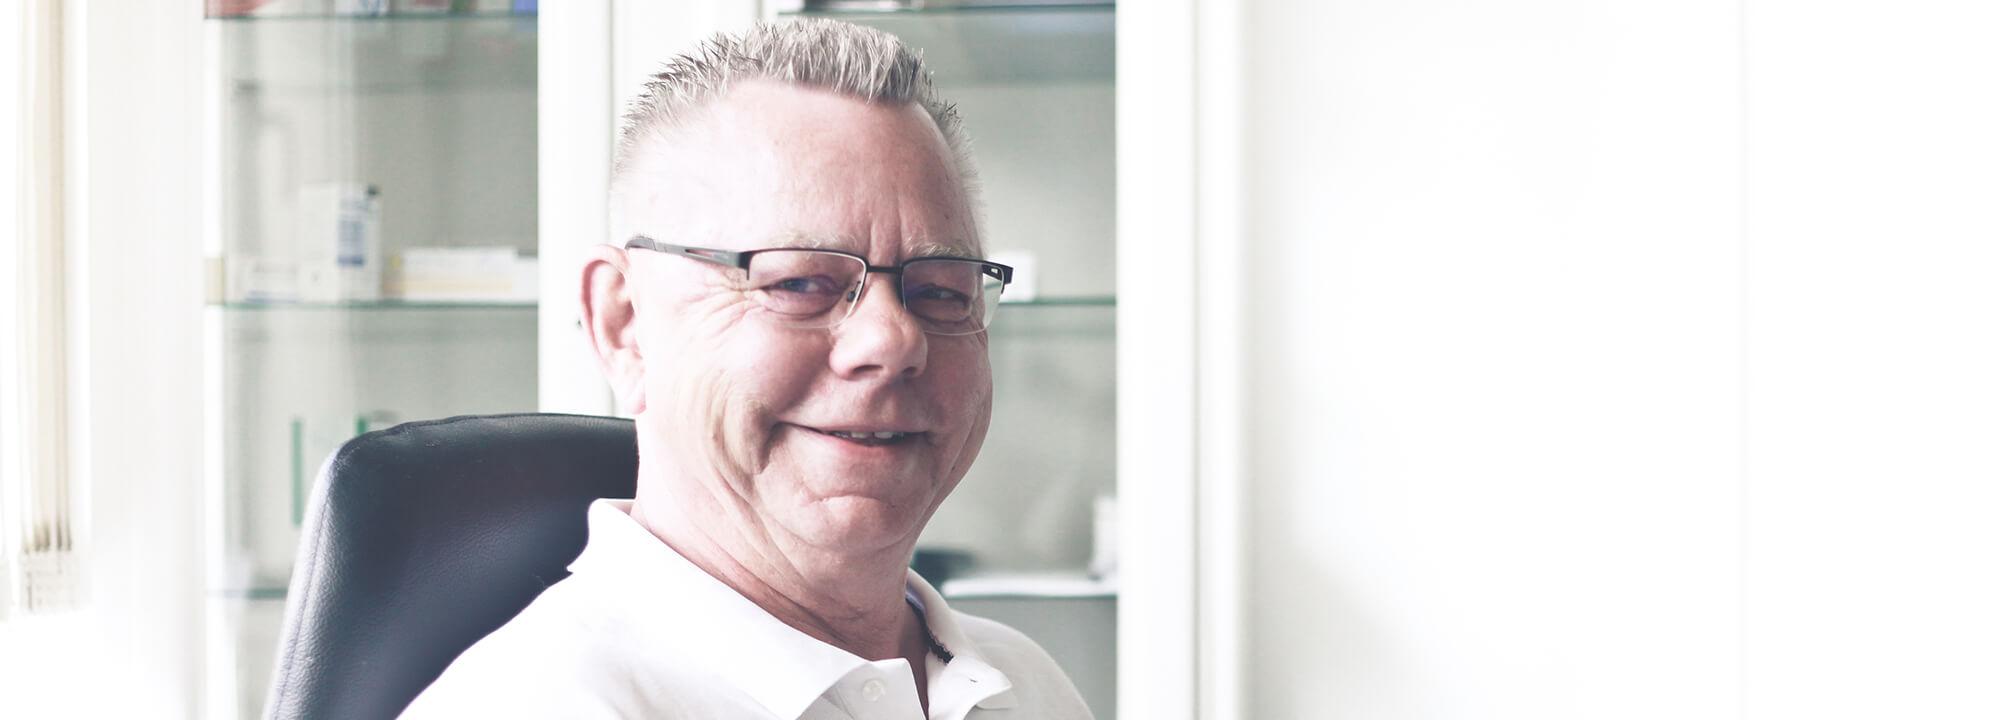 Hautarzt Lichtenberg Berlin - Dr. Hoppe - Team